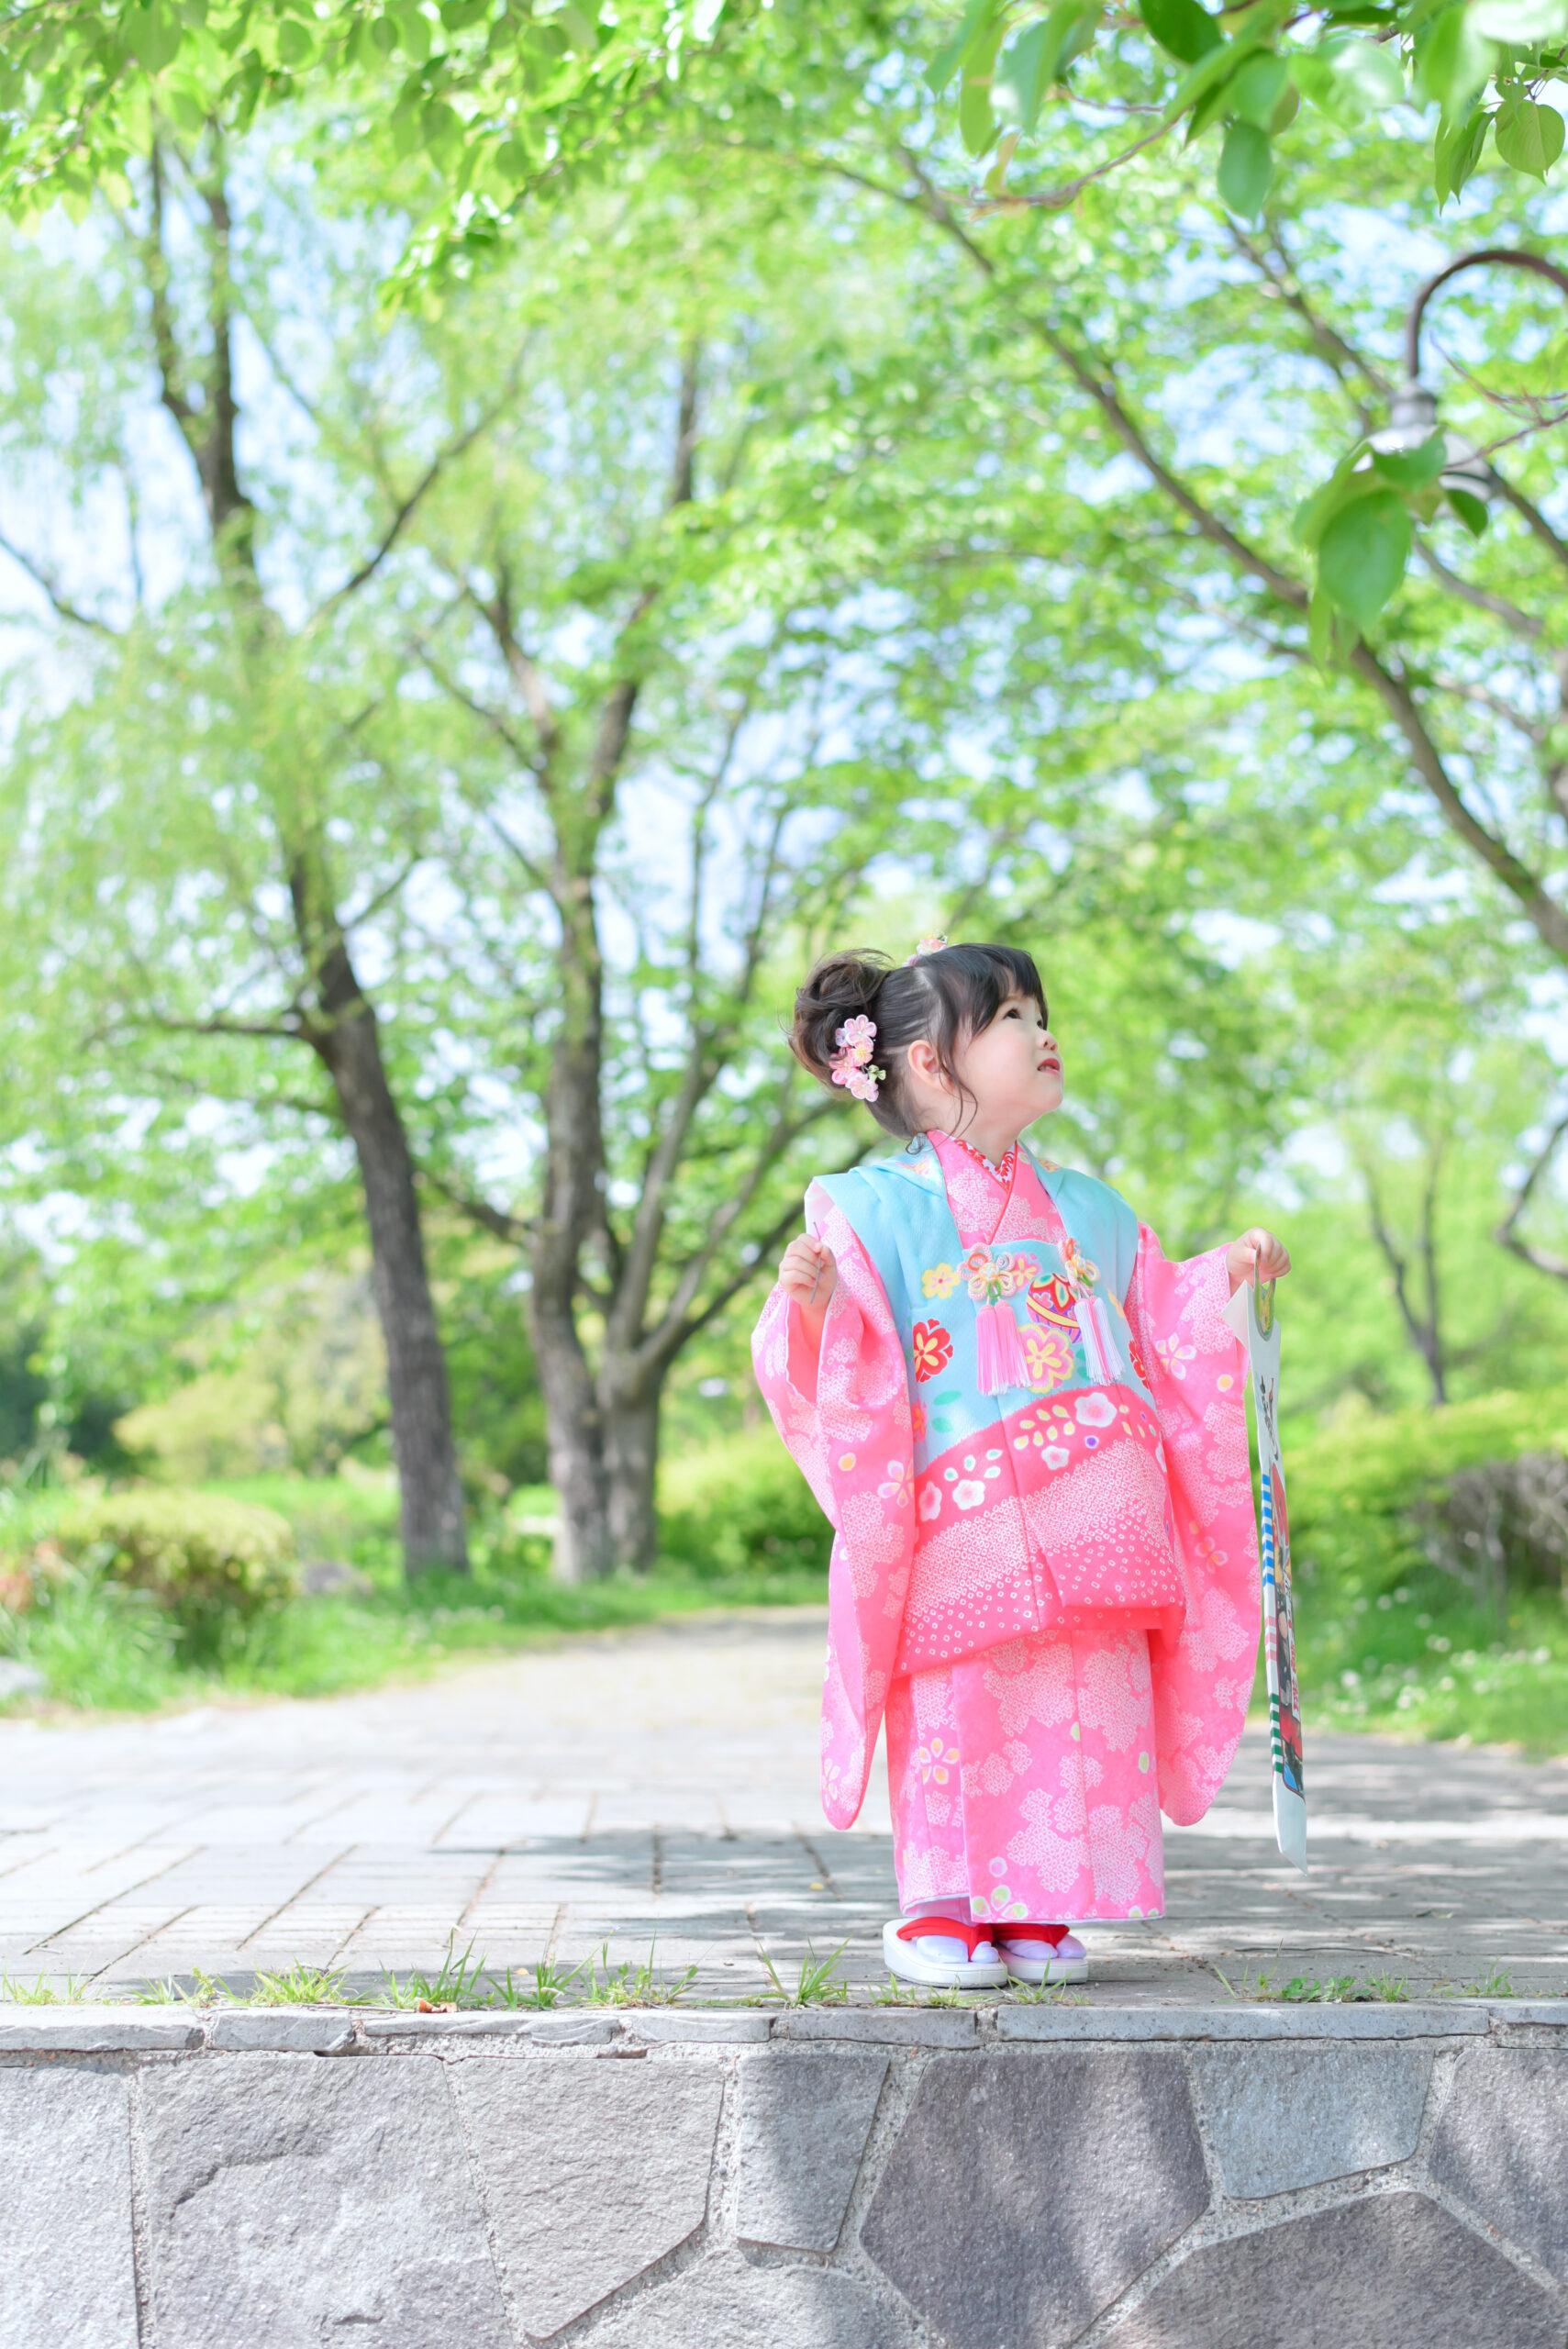 栃木 宇都宮 フォトスタジオ フォトジェニック フォトジェニックサクラスタジオ 七五三 3歳 着物 お被布 ドレス レンタル カメラマン ロケーションフォト かわいい 女の子